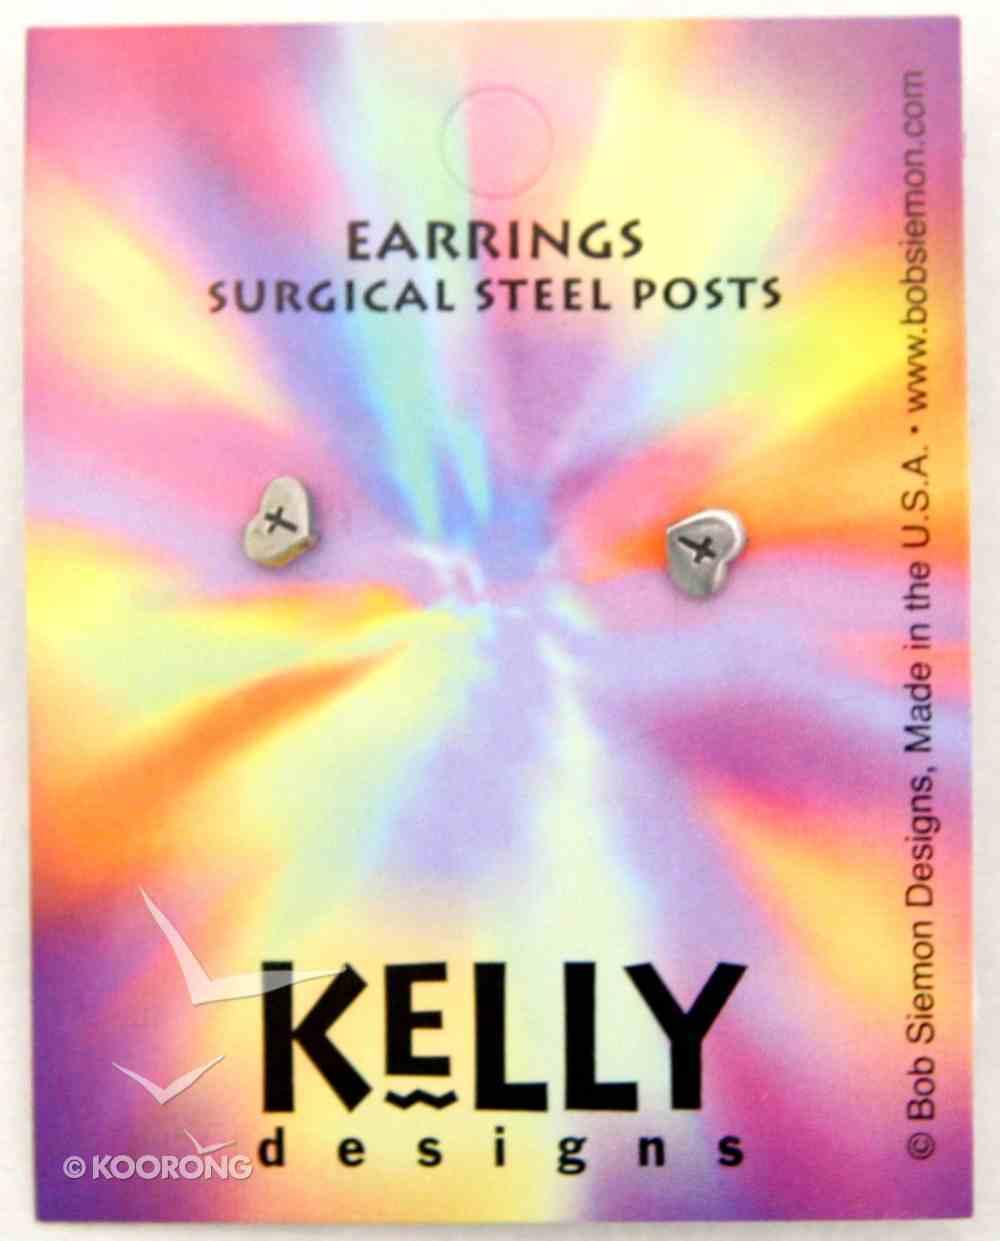 Earrings Kelly Design: Heart With Cross (Lead-free Pewter) Jewellery